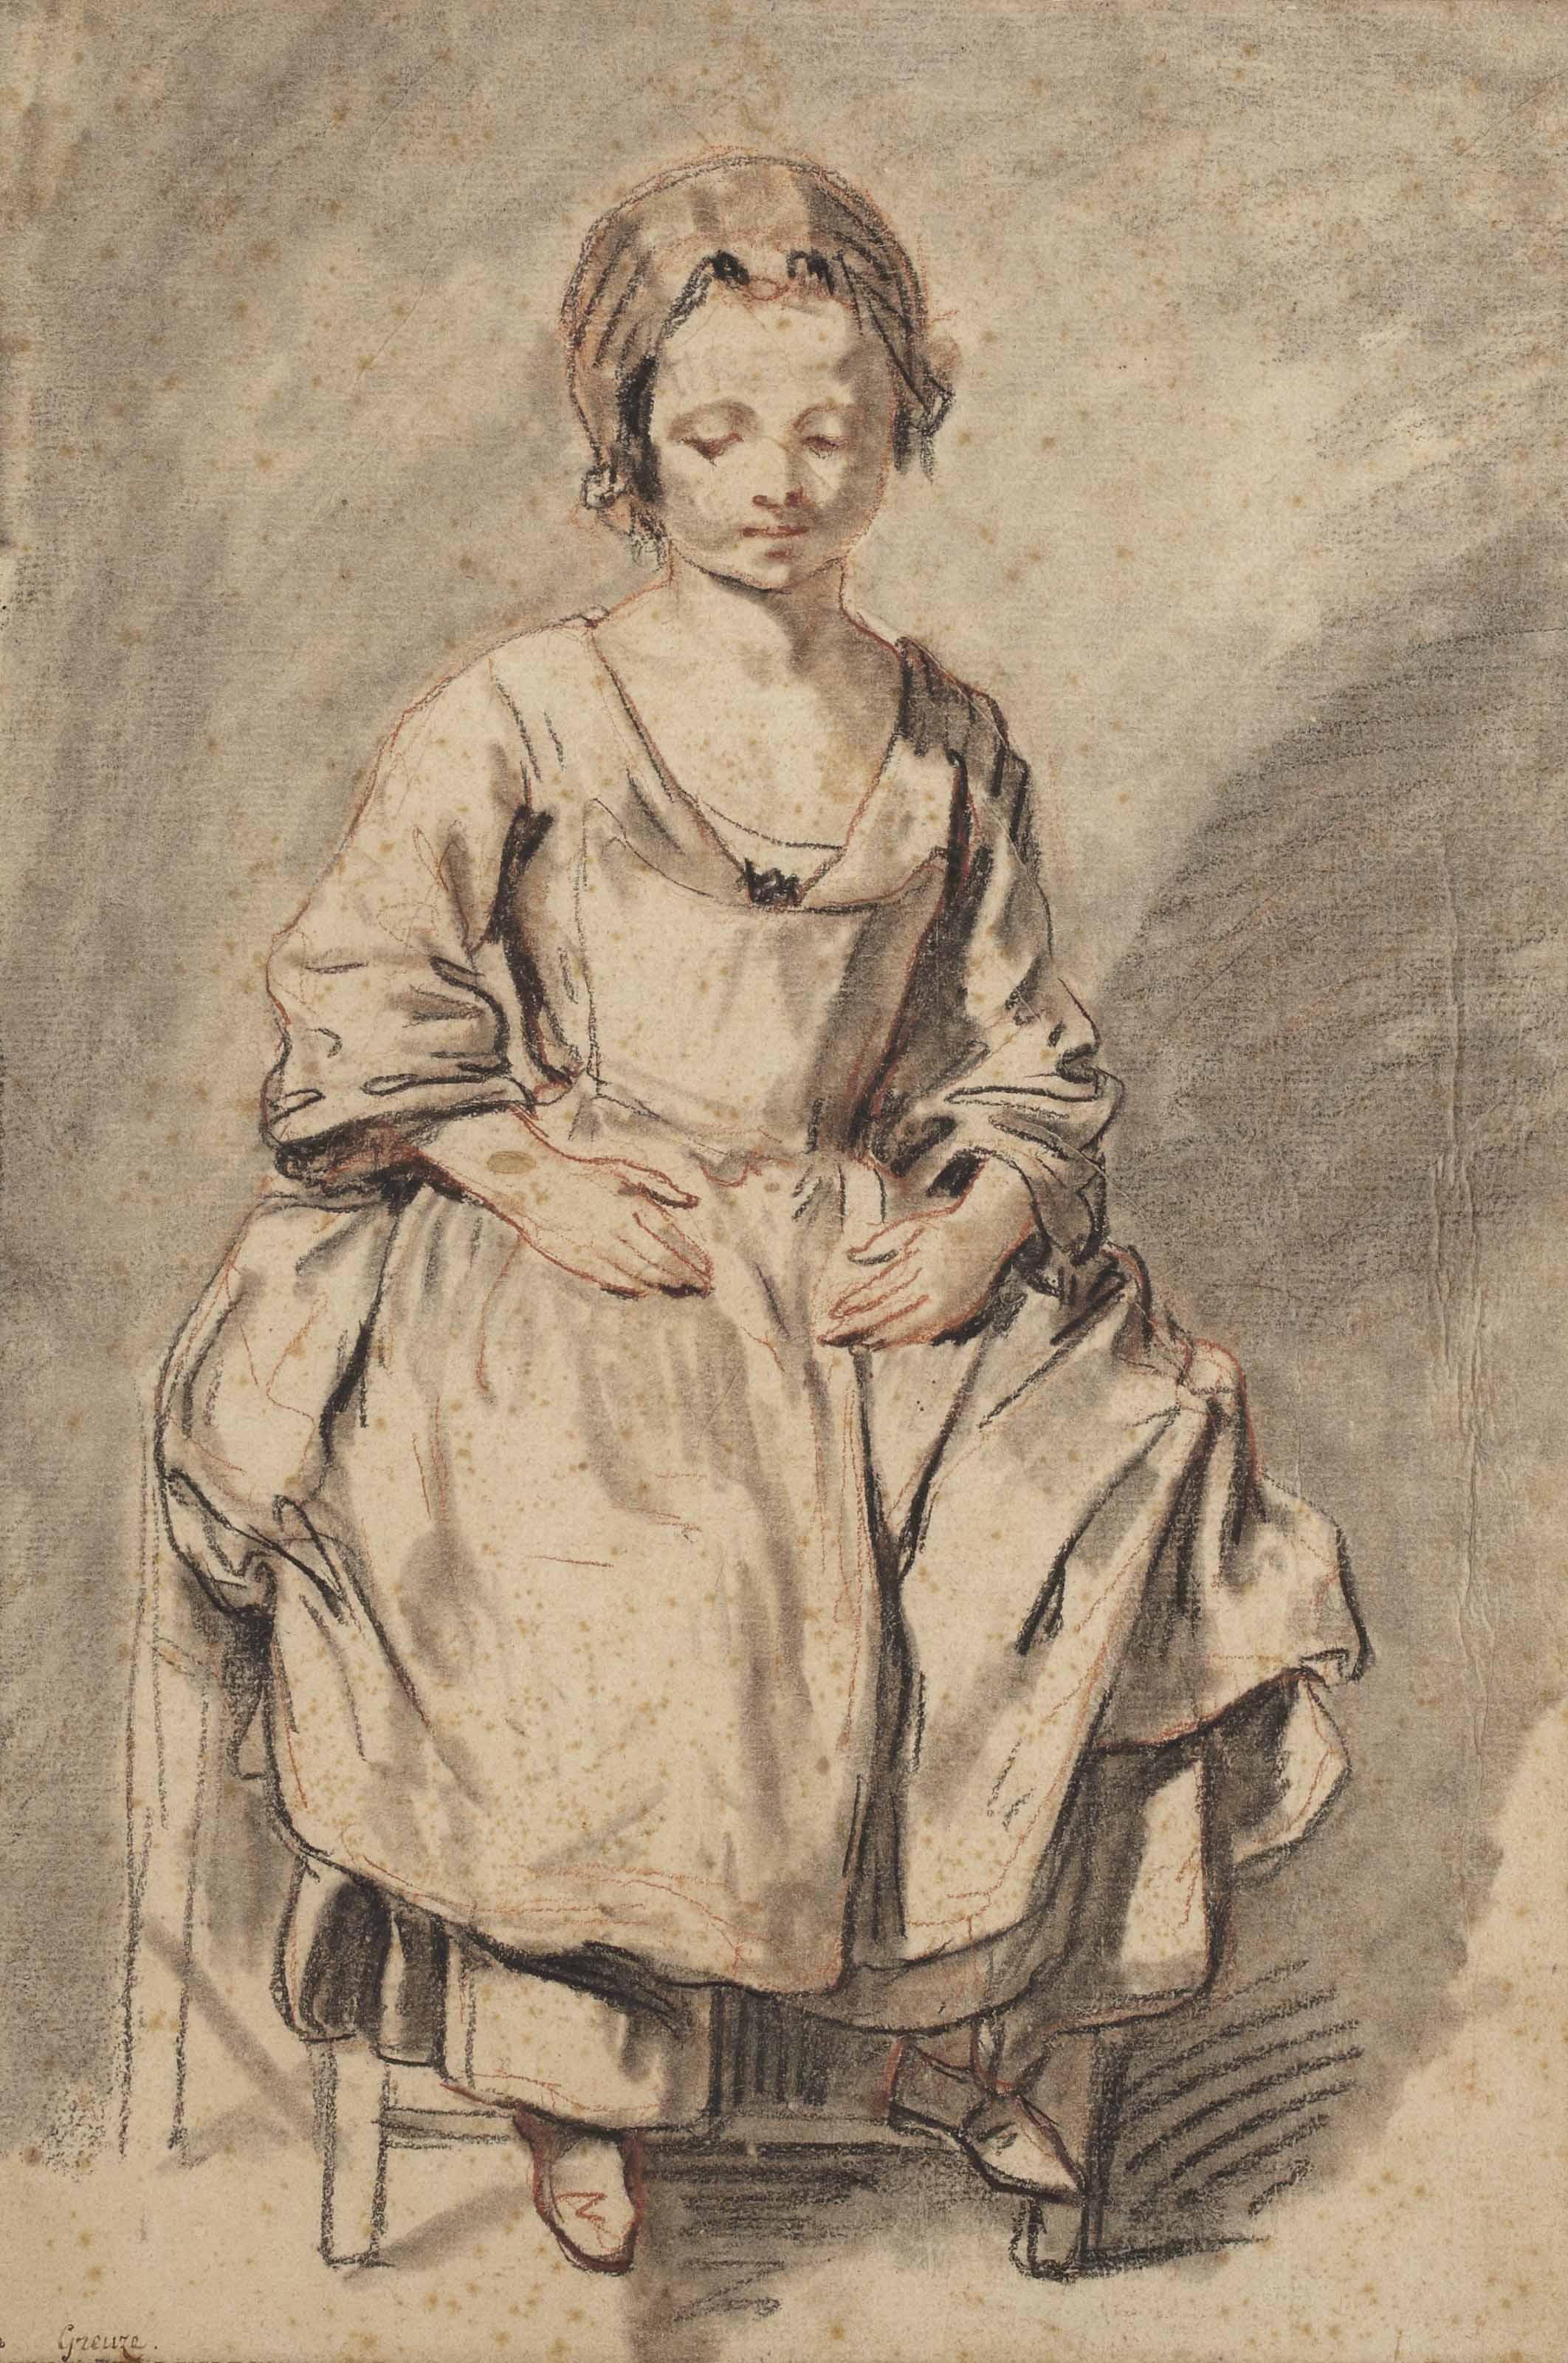 jean baptiste greuze tournus 1725 1805 paris jeune fille assise sur une chaise christie 39 s. Black Bedroom Furniture Sets. Home Design Ideas